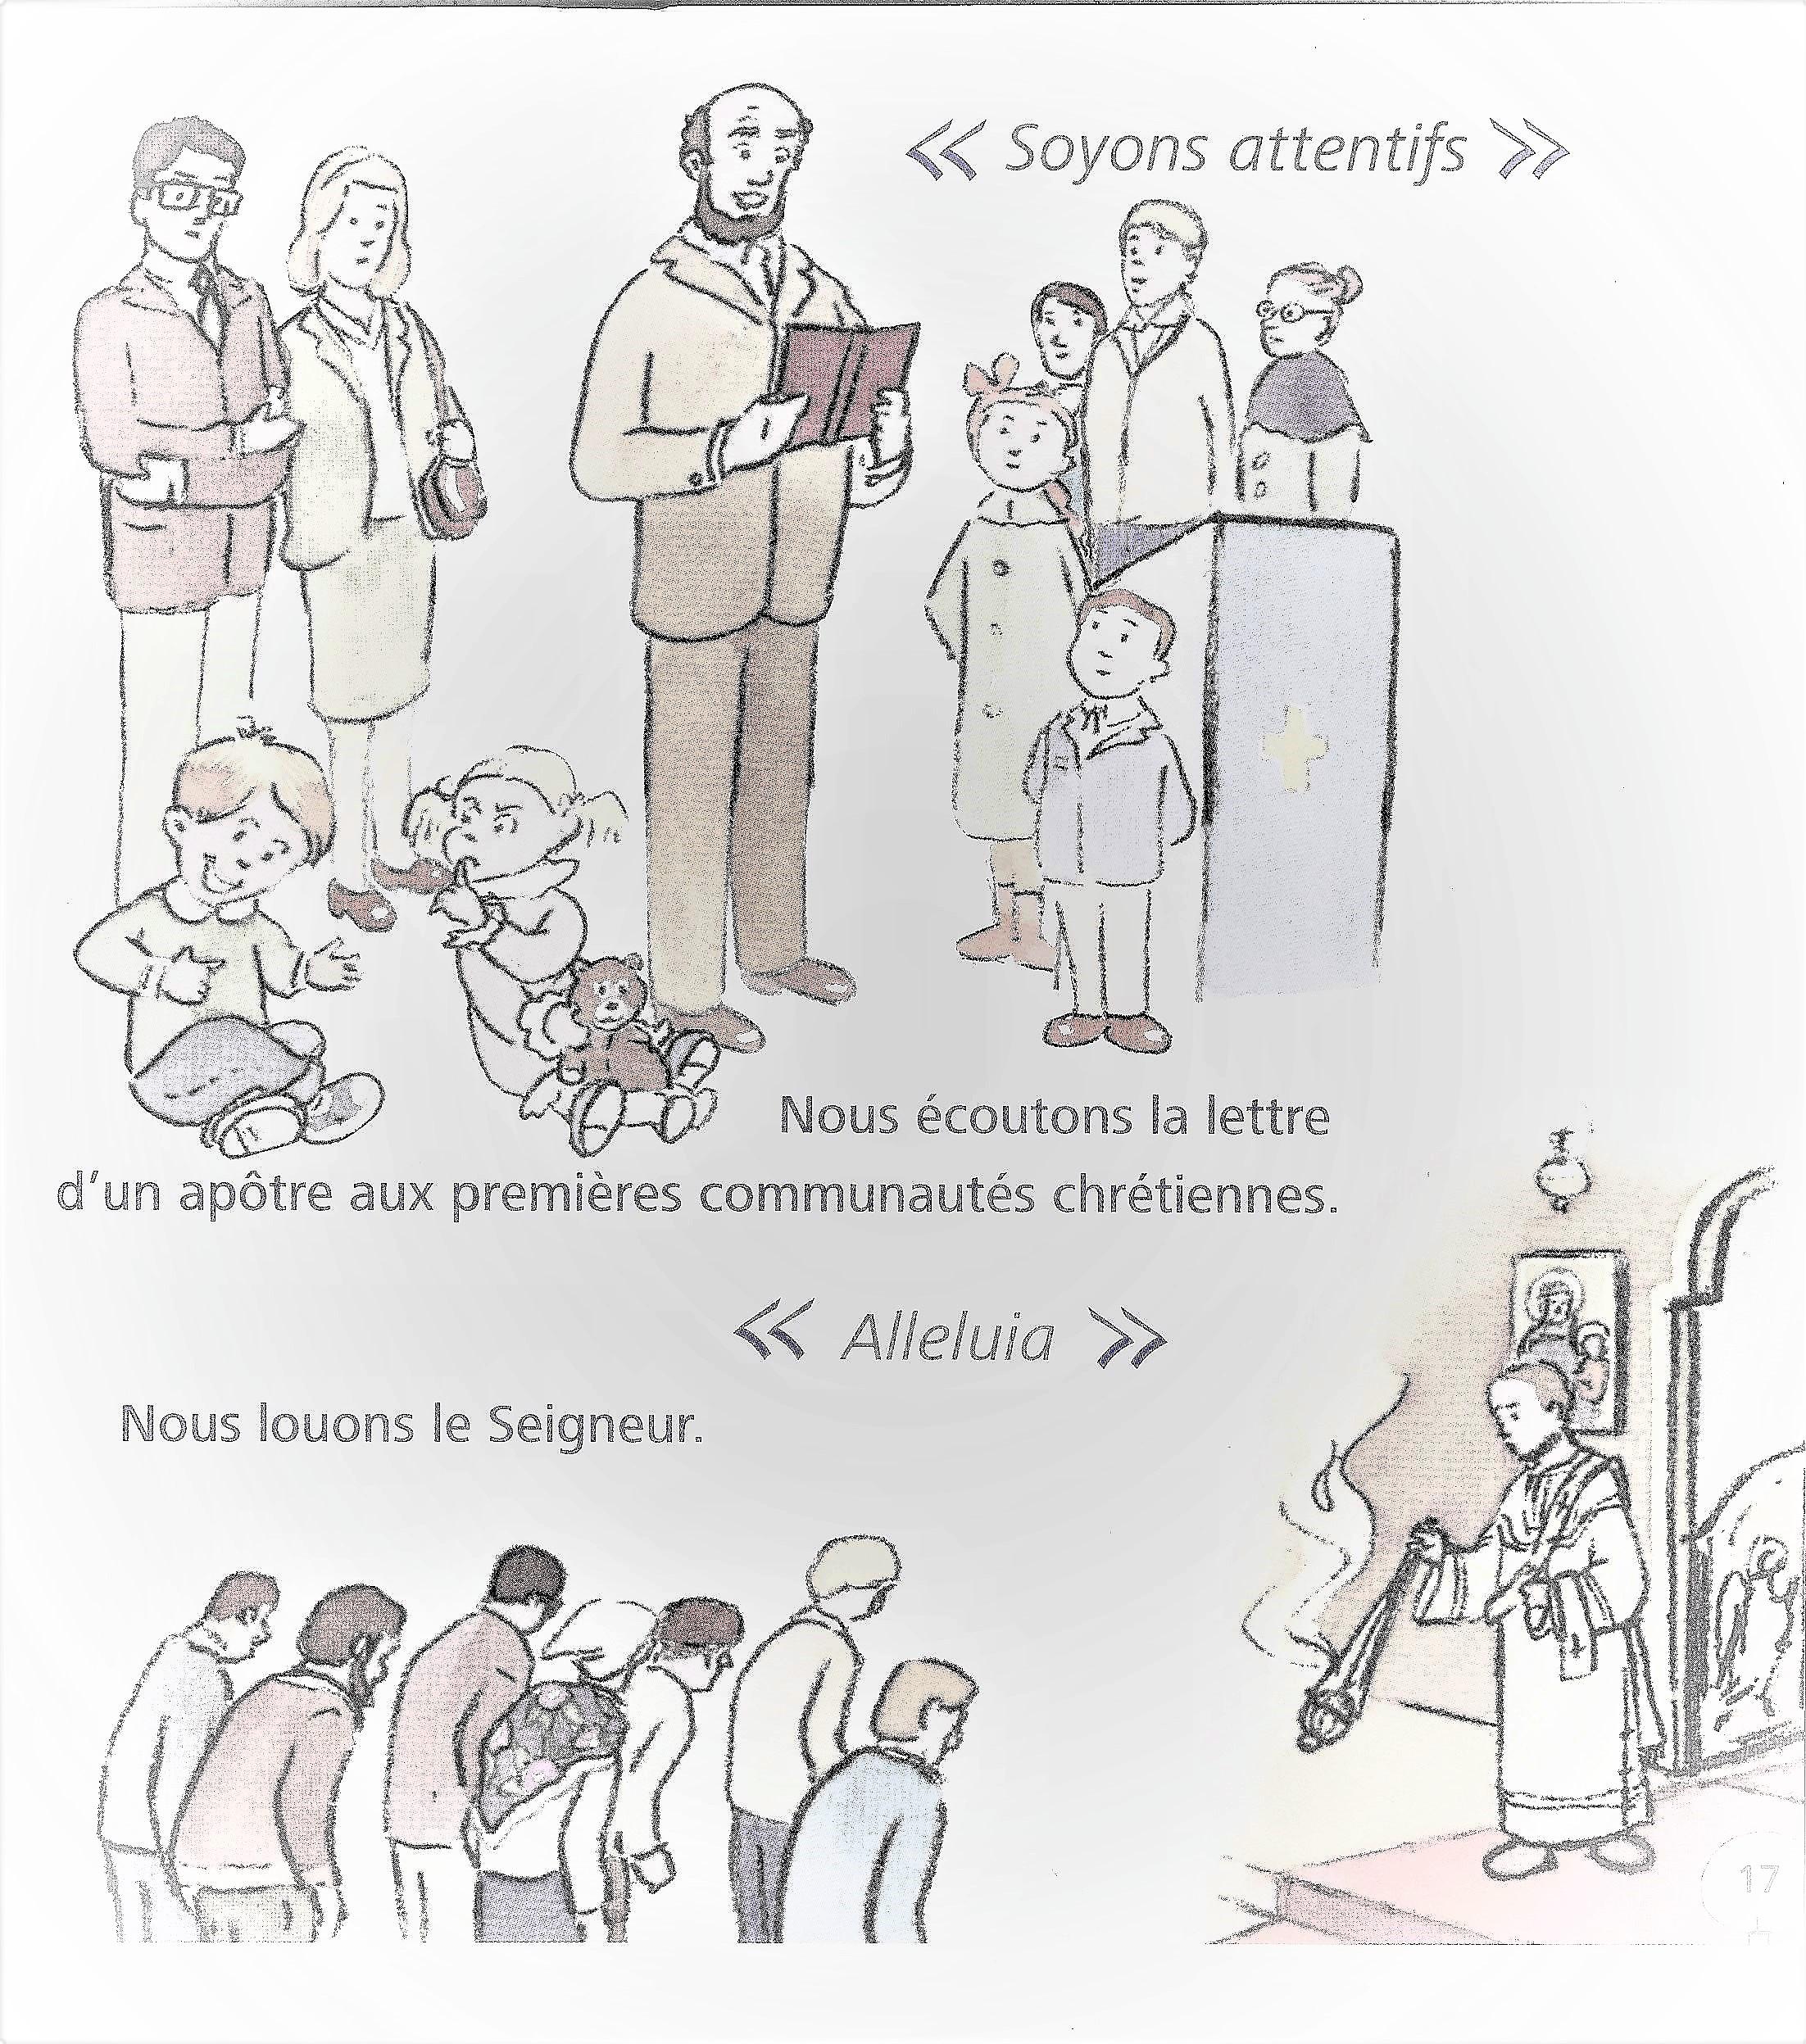 COURS DE CATÉCHISME ORTHODOXE POUR ENFANTS: LA DIVINE LITURGIE